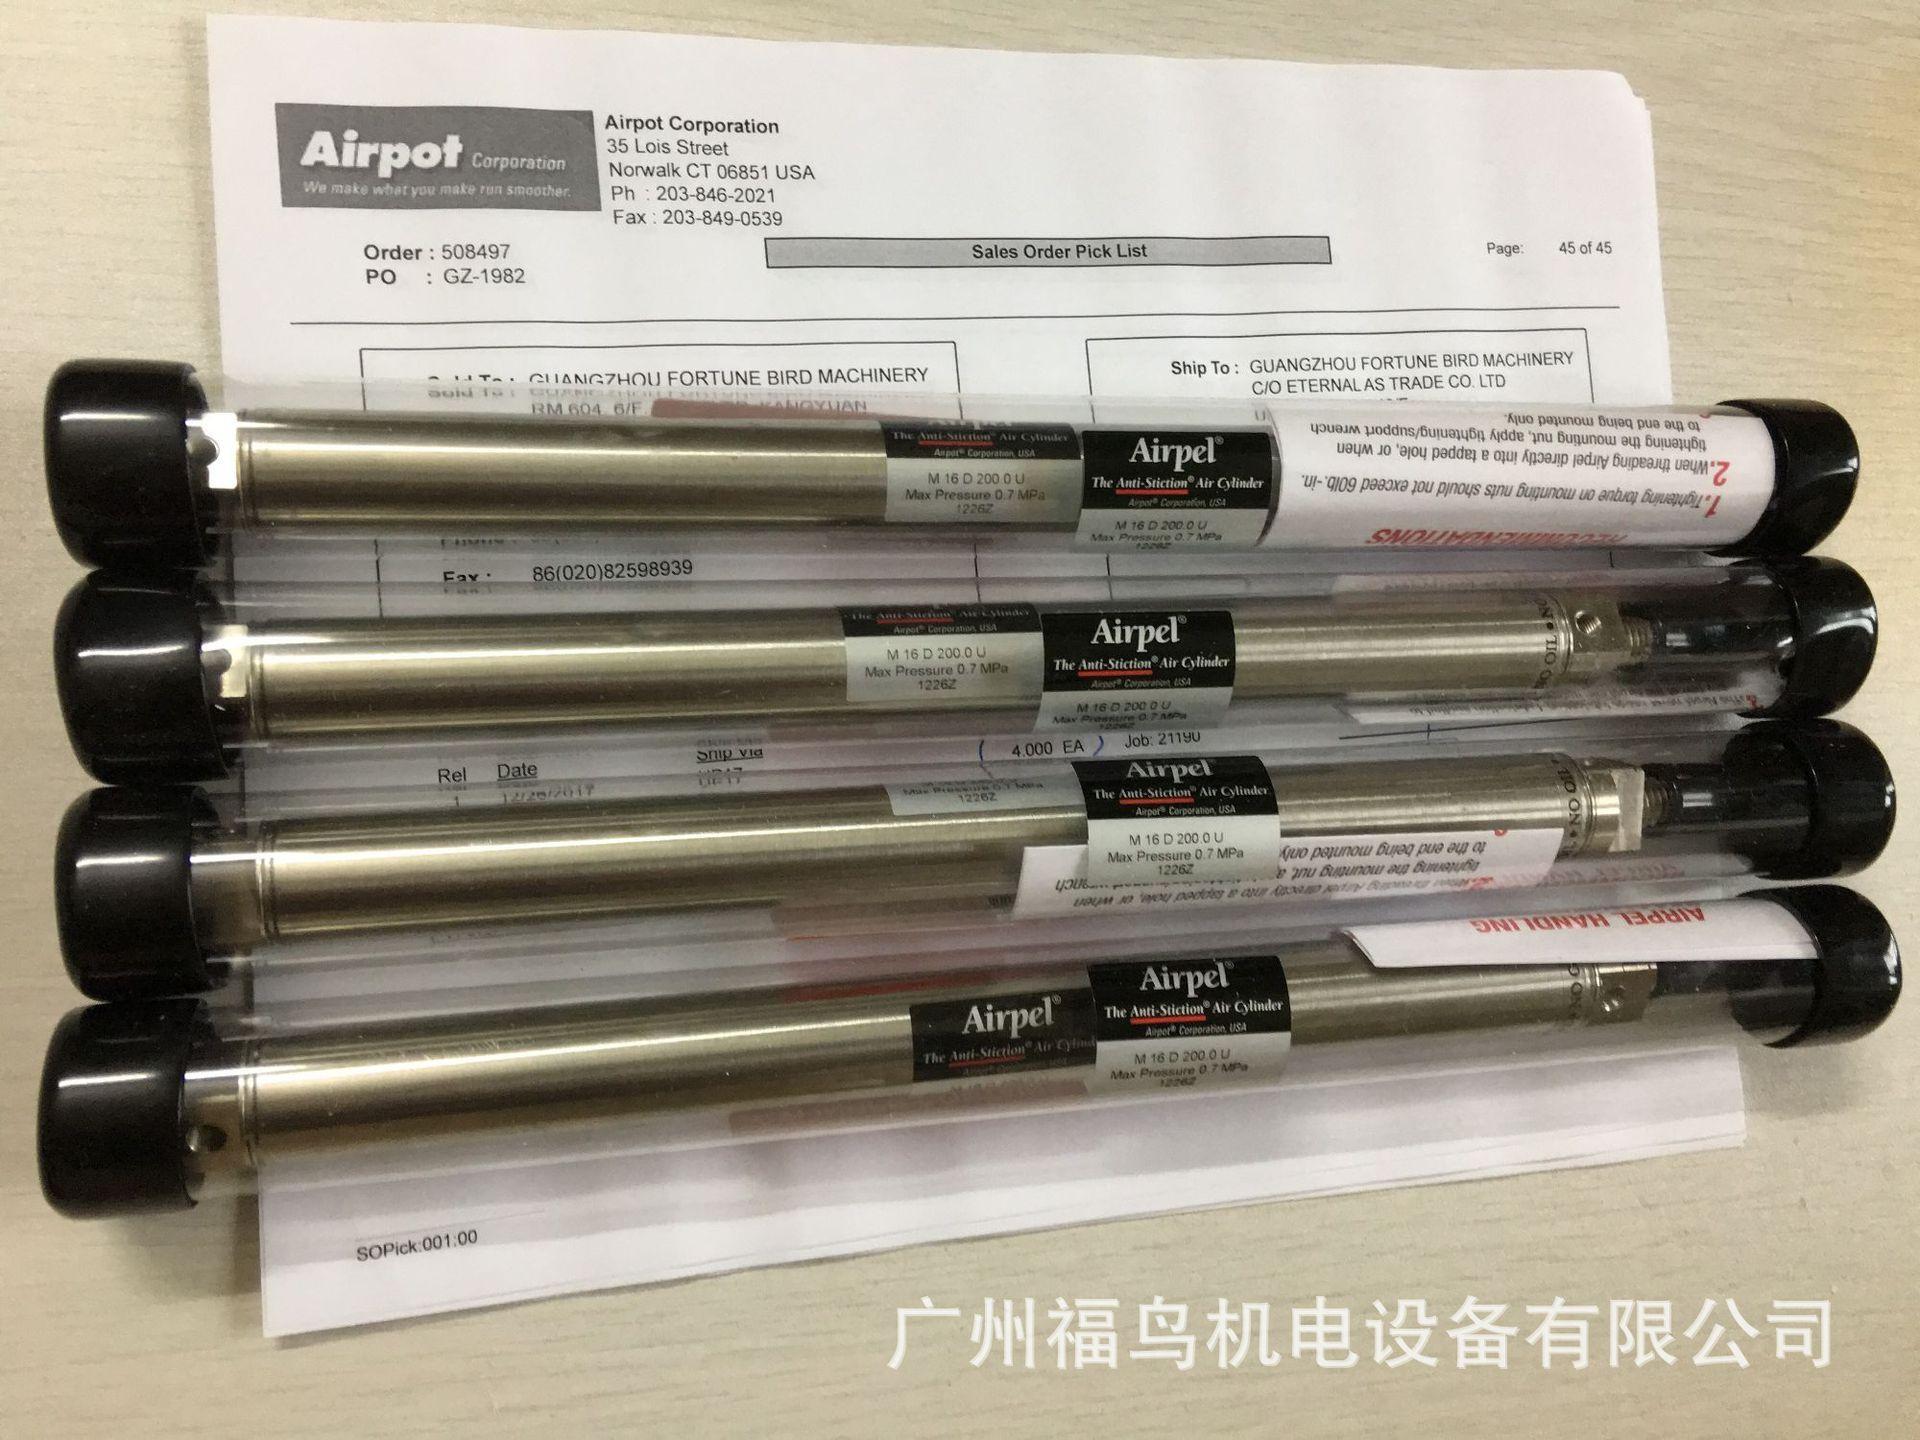 供应AIRPEL/AIRPOT玻璃气缸, 低摩擦气缸(M16D200.0U) 6